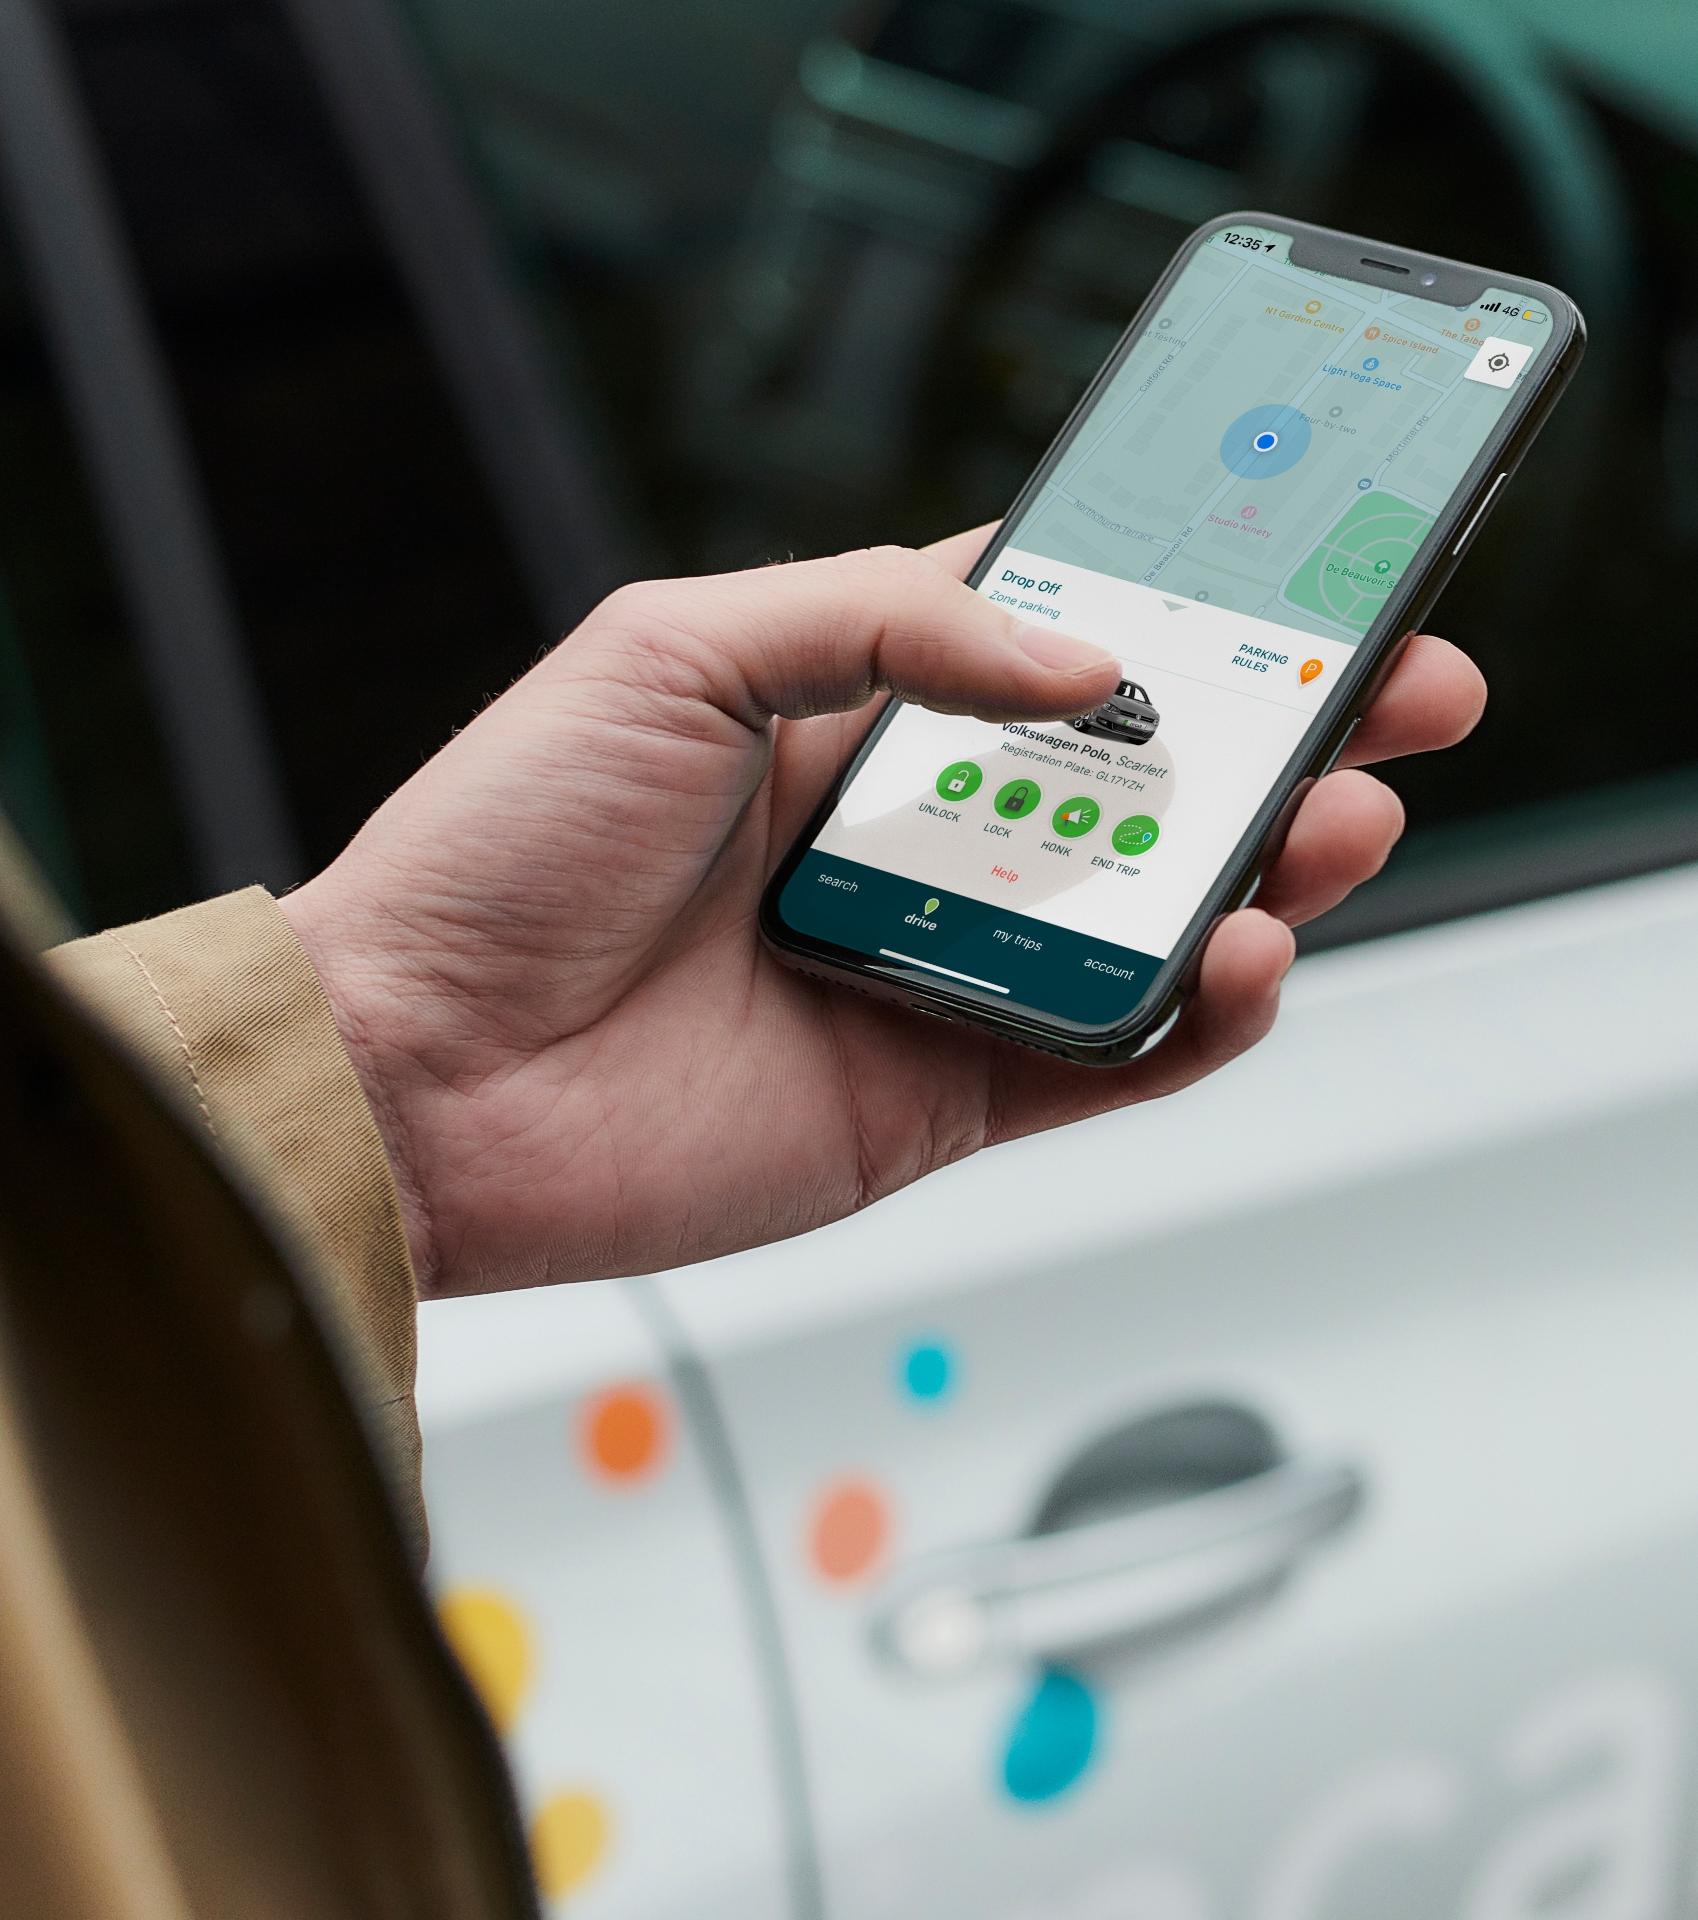 find zipcar via the app